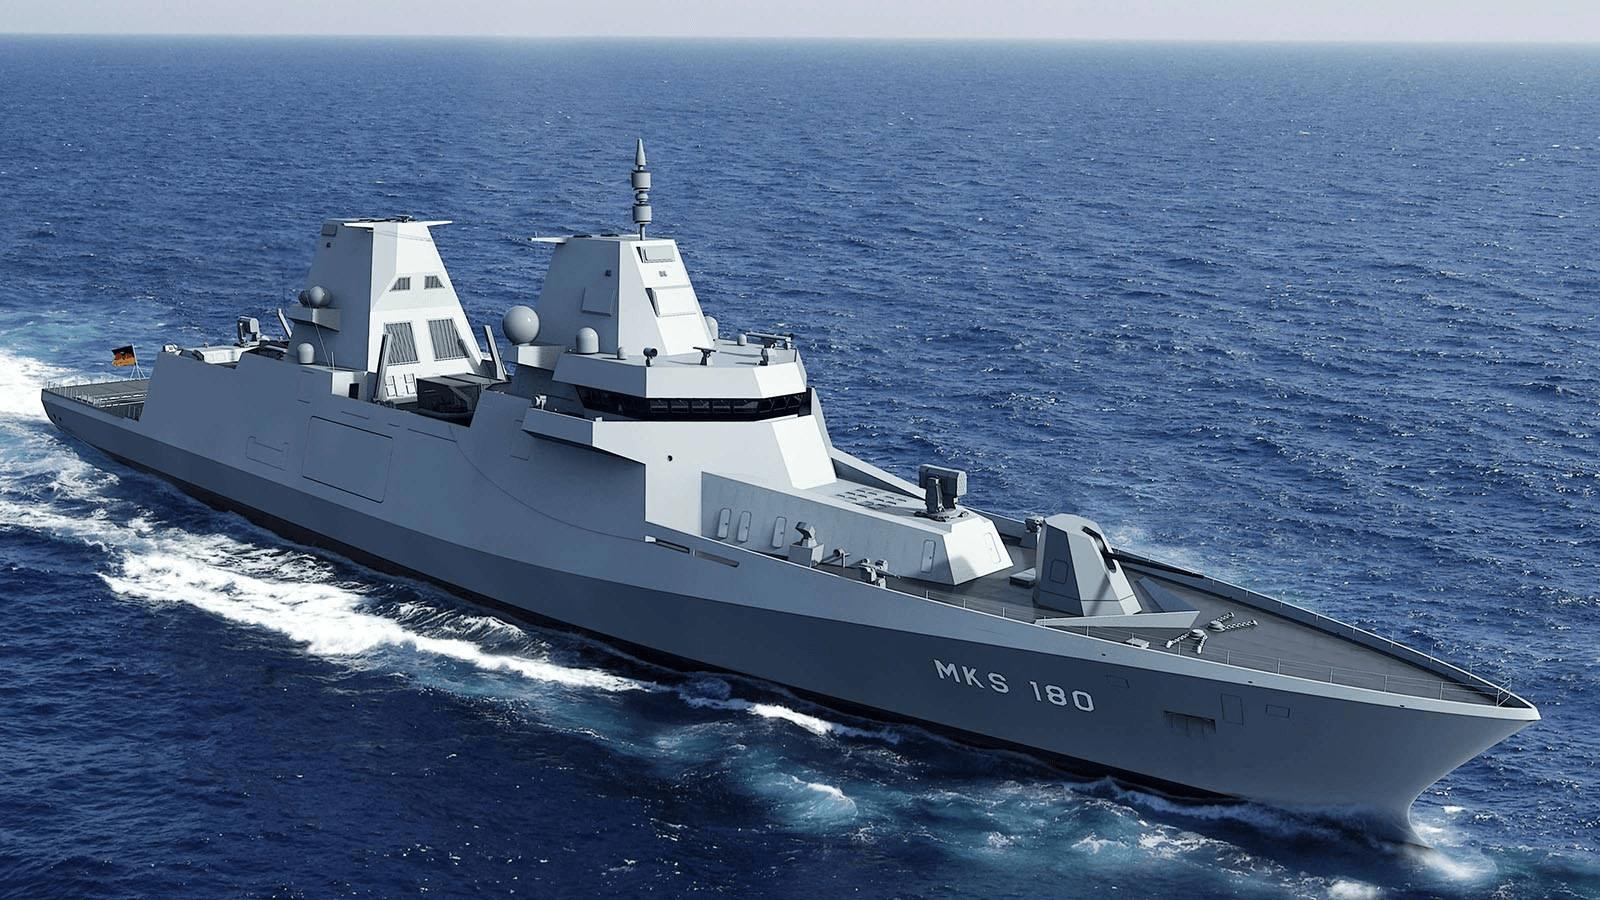 德国新舰太奇葩,造价顶5艘052D,战斗力还不如054A_德国新闻_德国中文网